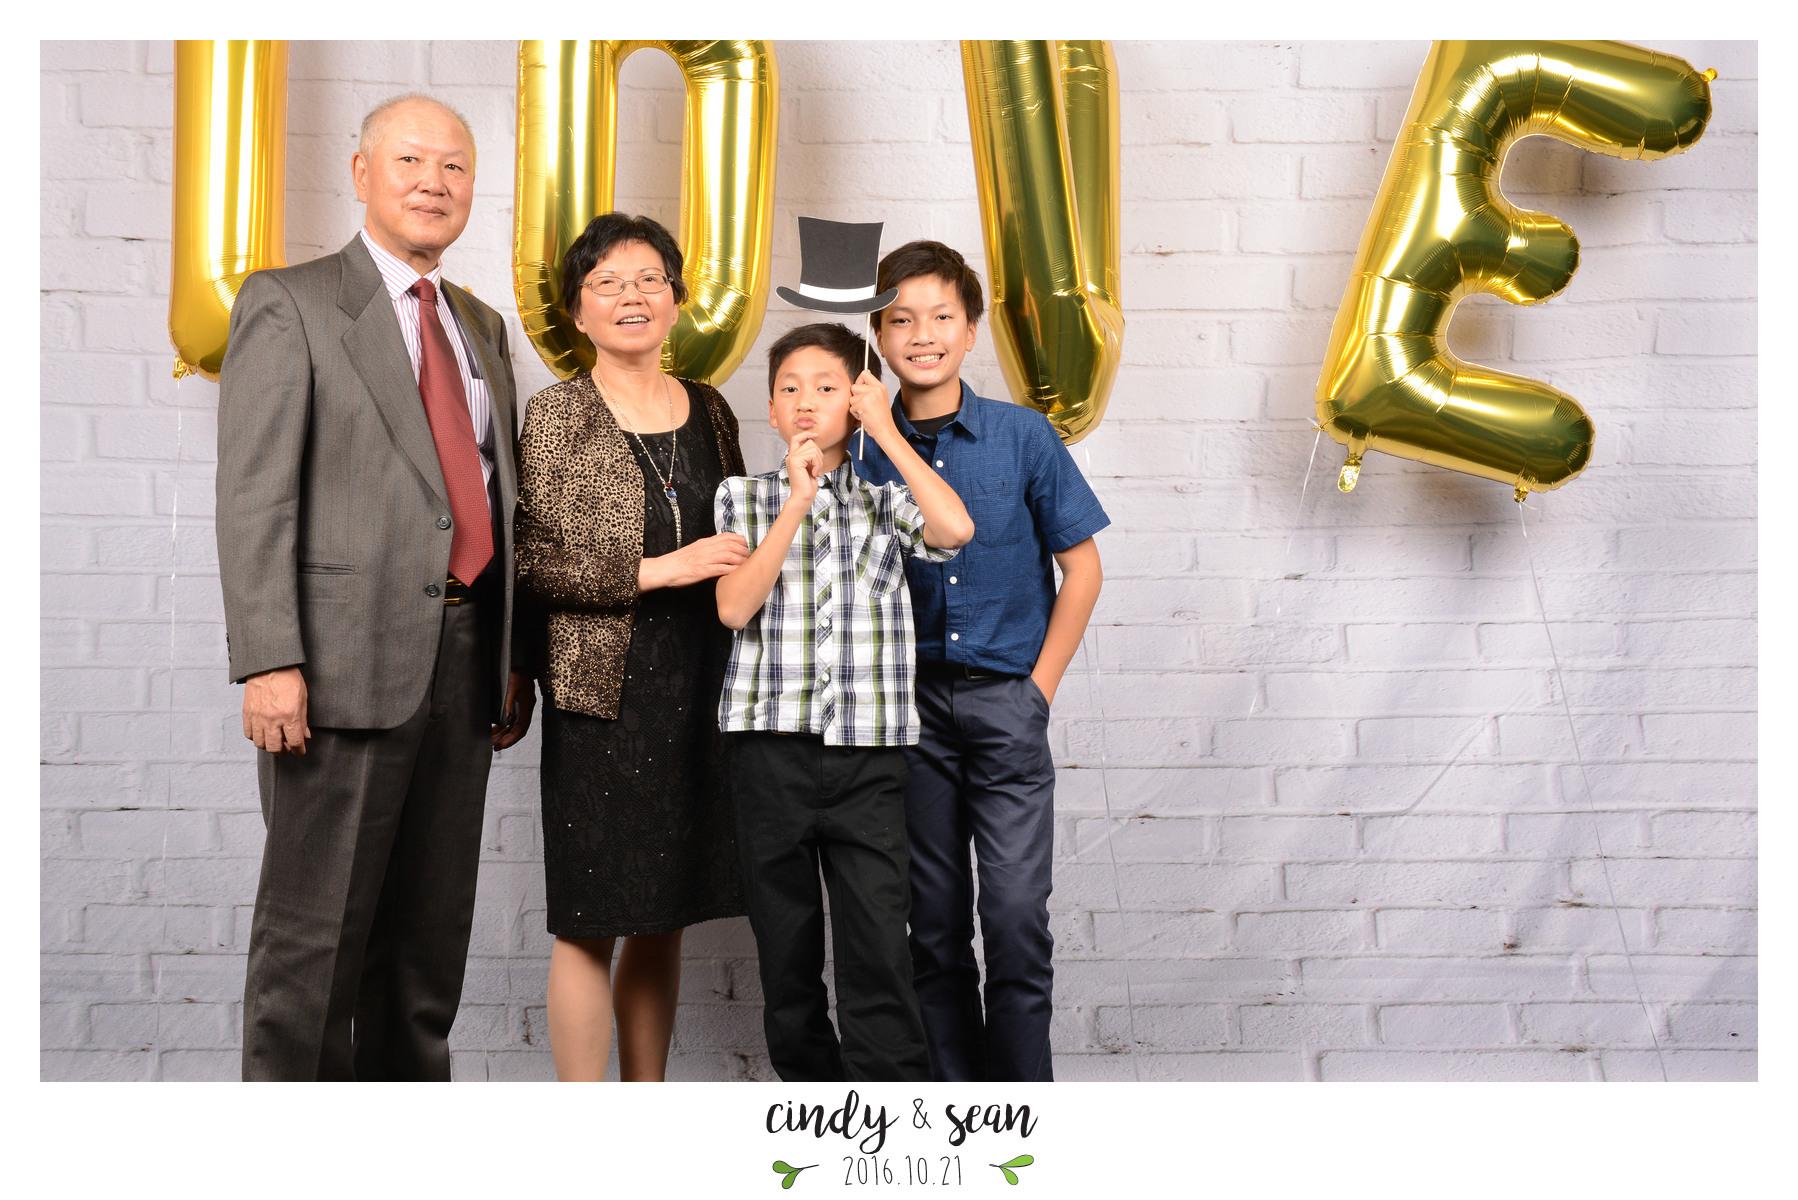 Cindy Sean Bae - 0001-22.jpg